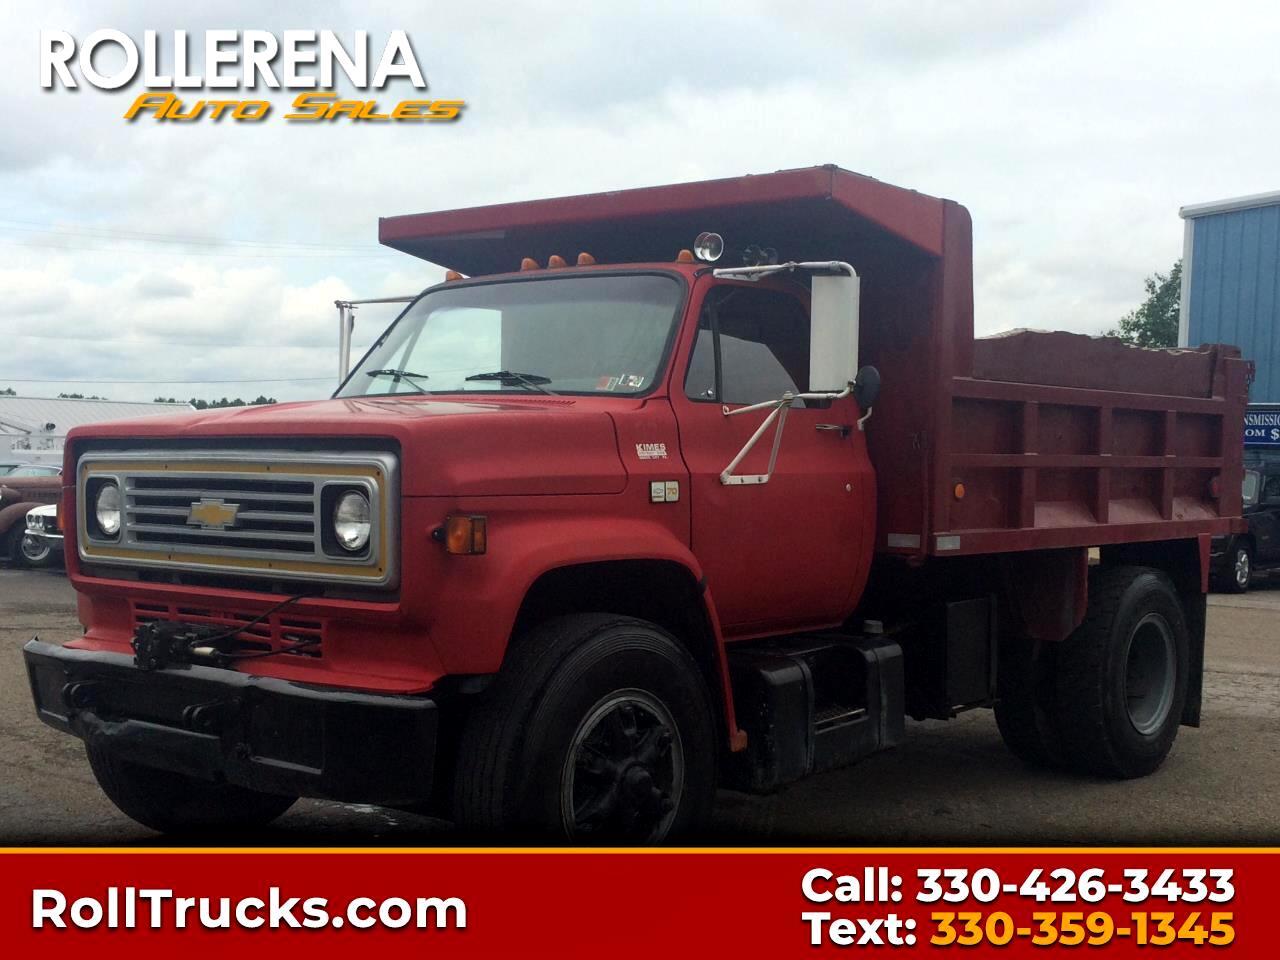 1990 Chevrolet c-70 Dump Truck